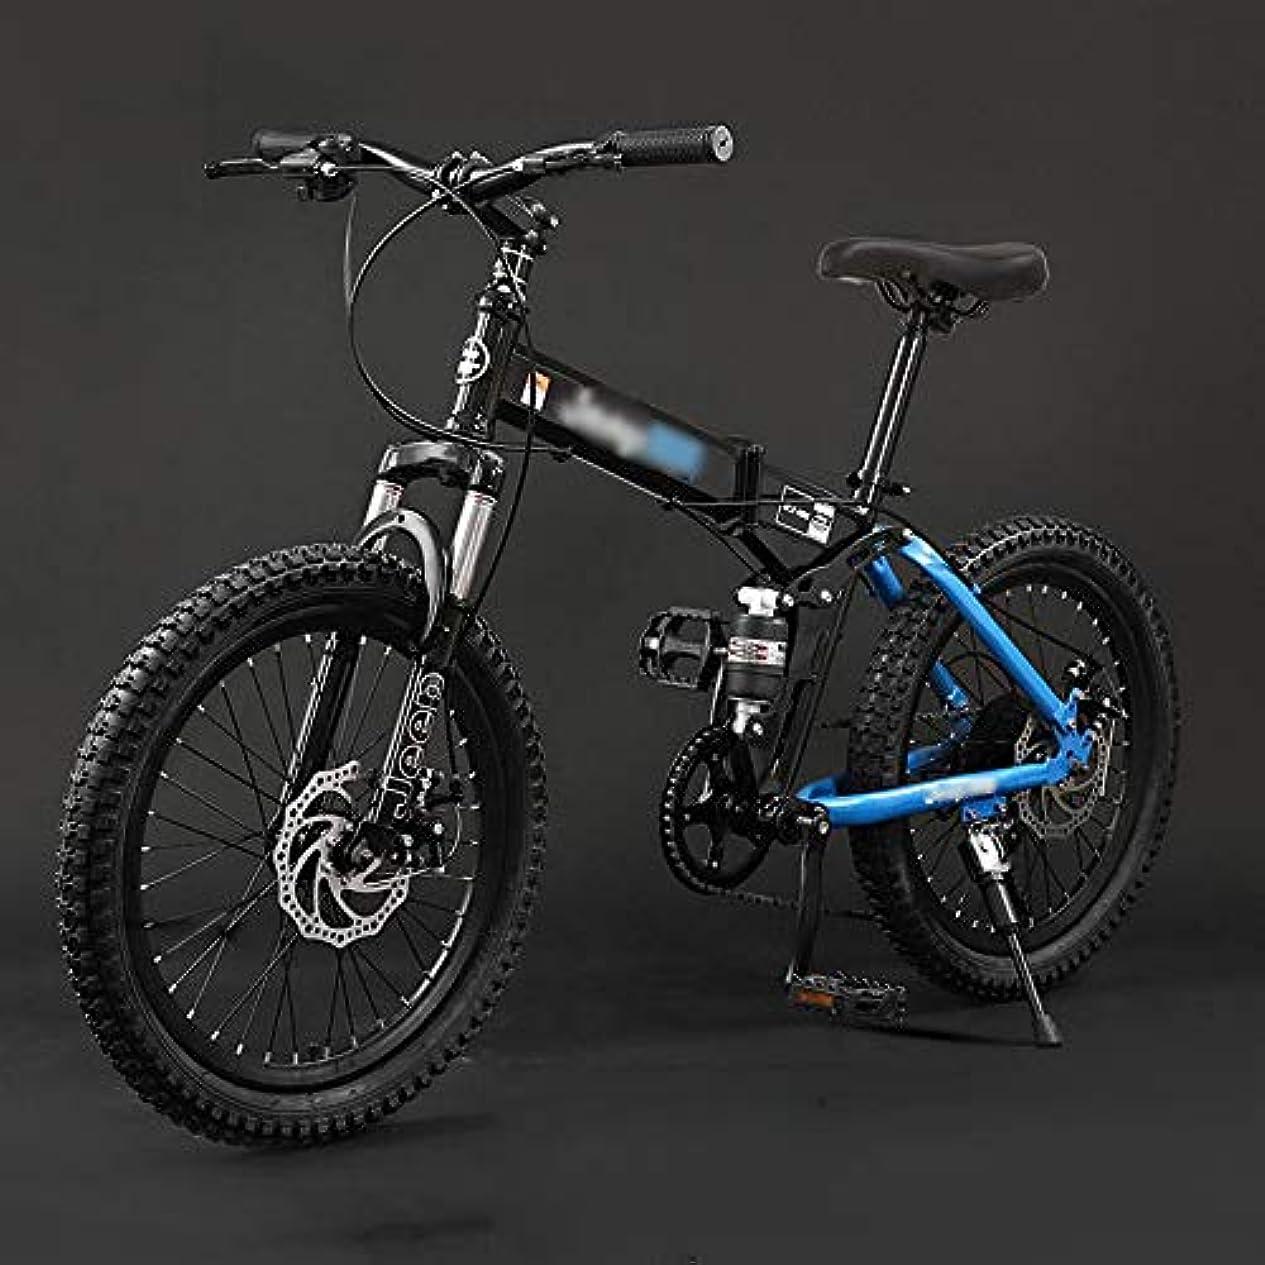 送料翻訳者ファセットアウトロードマウンテンバイク20インチバイク、アンチスキッド7スピード折りたたみ自転車フルサスペンションMTBバイク、10代の子供向けMTBバイクアウトドアサイクリング